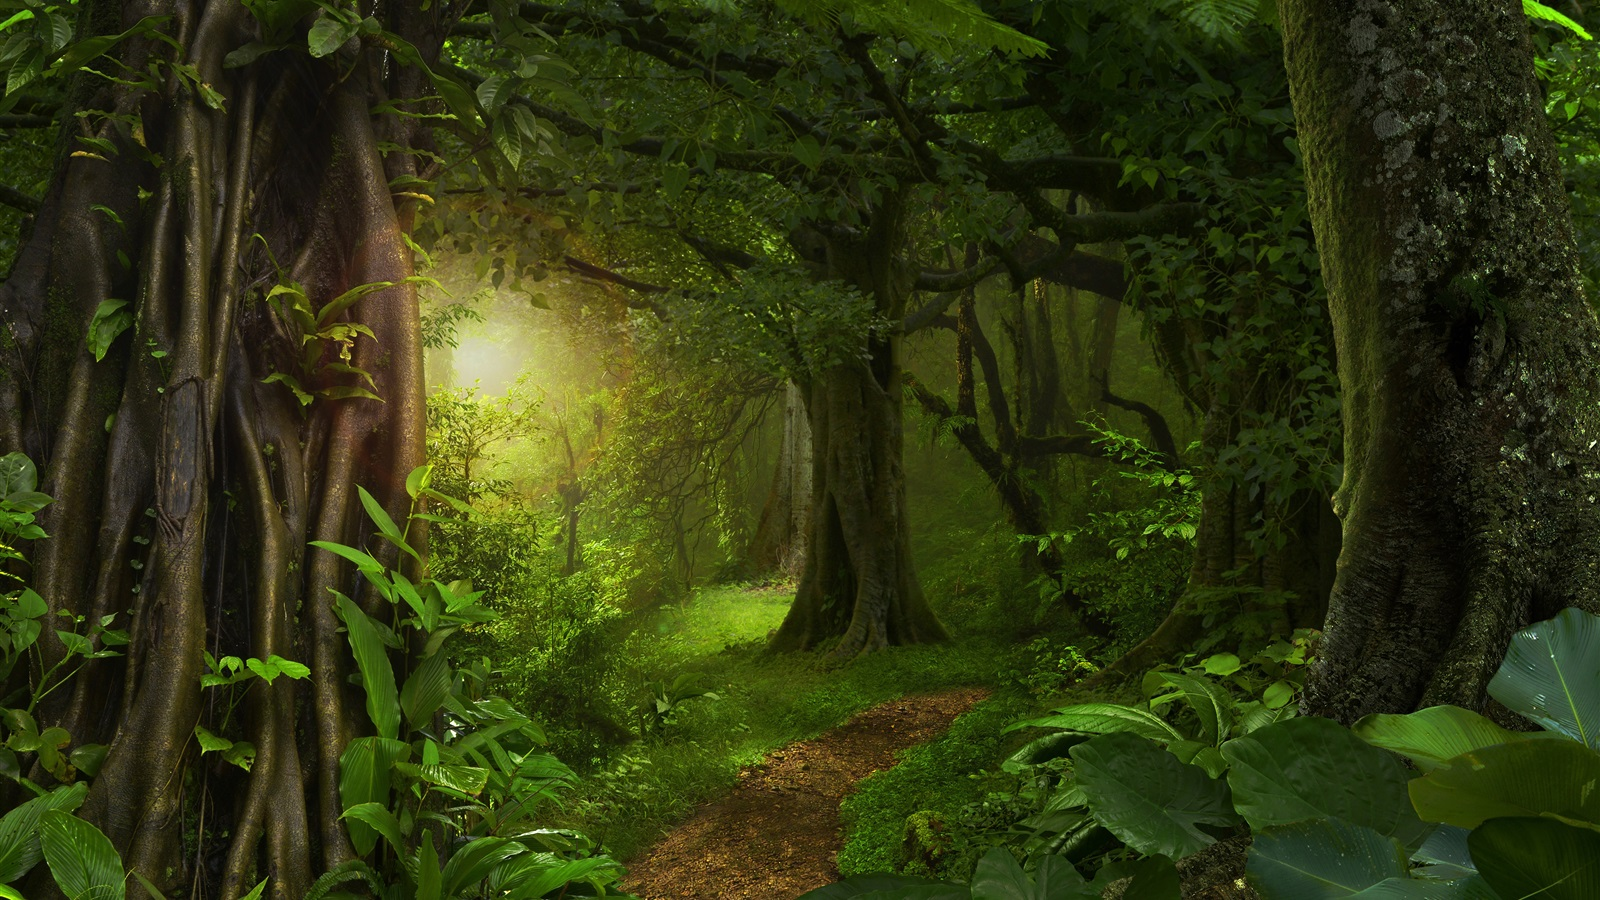 壁紙 森 ジャングル 樹木 道 緑 3840x2160 Uhd 4k 無料のデスクトップの背景 画像